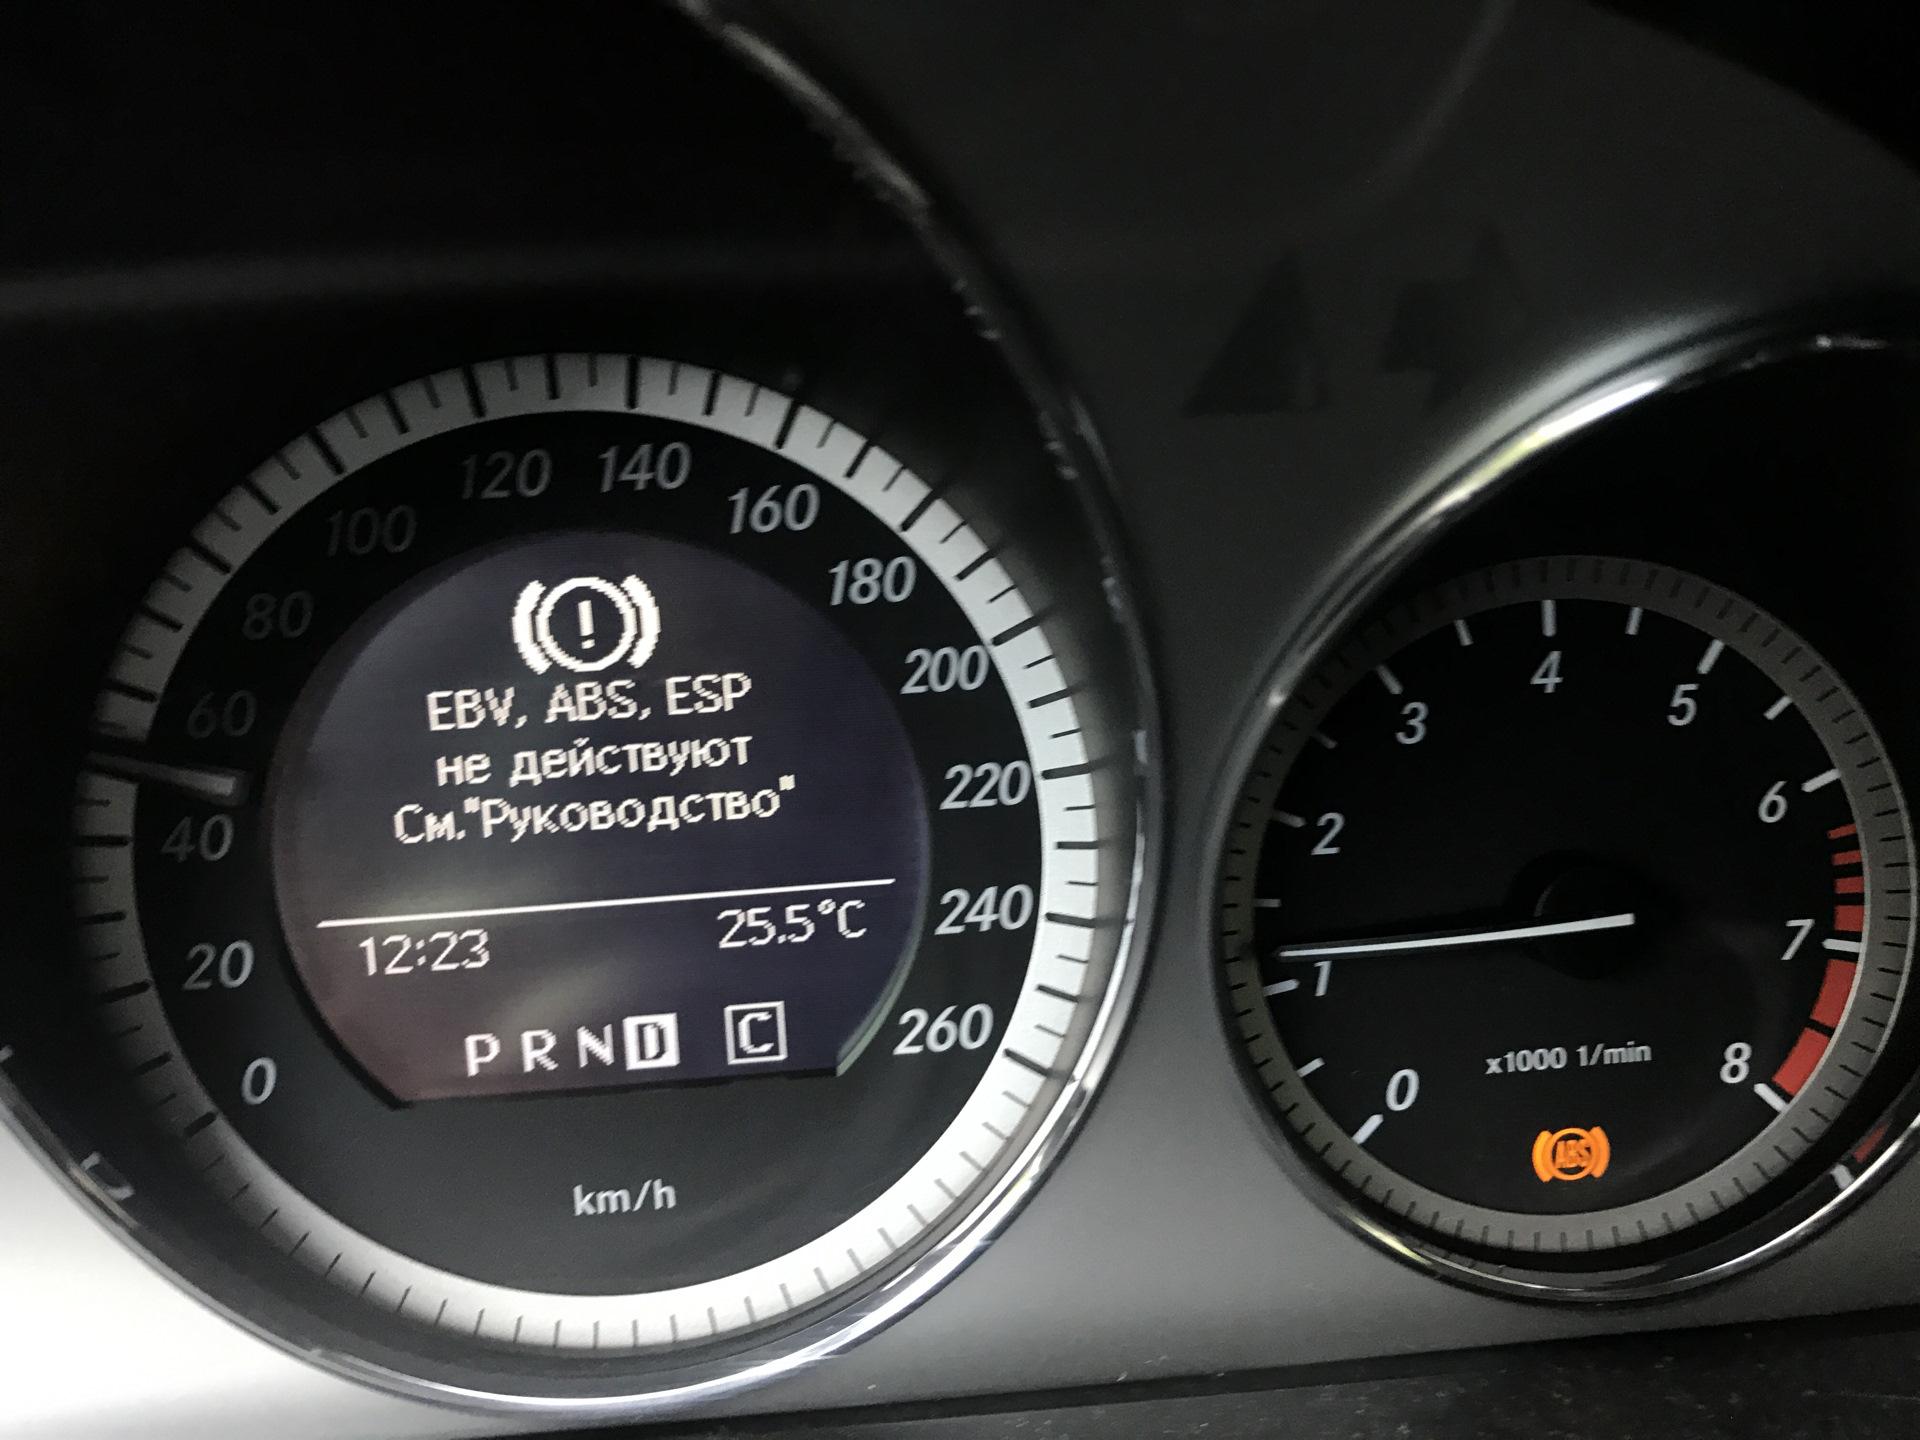 Внтутряння ошибка 5001 блока abs, esp w204 — Mercedes-Benz C